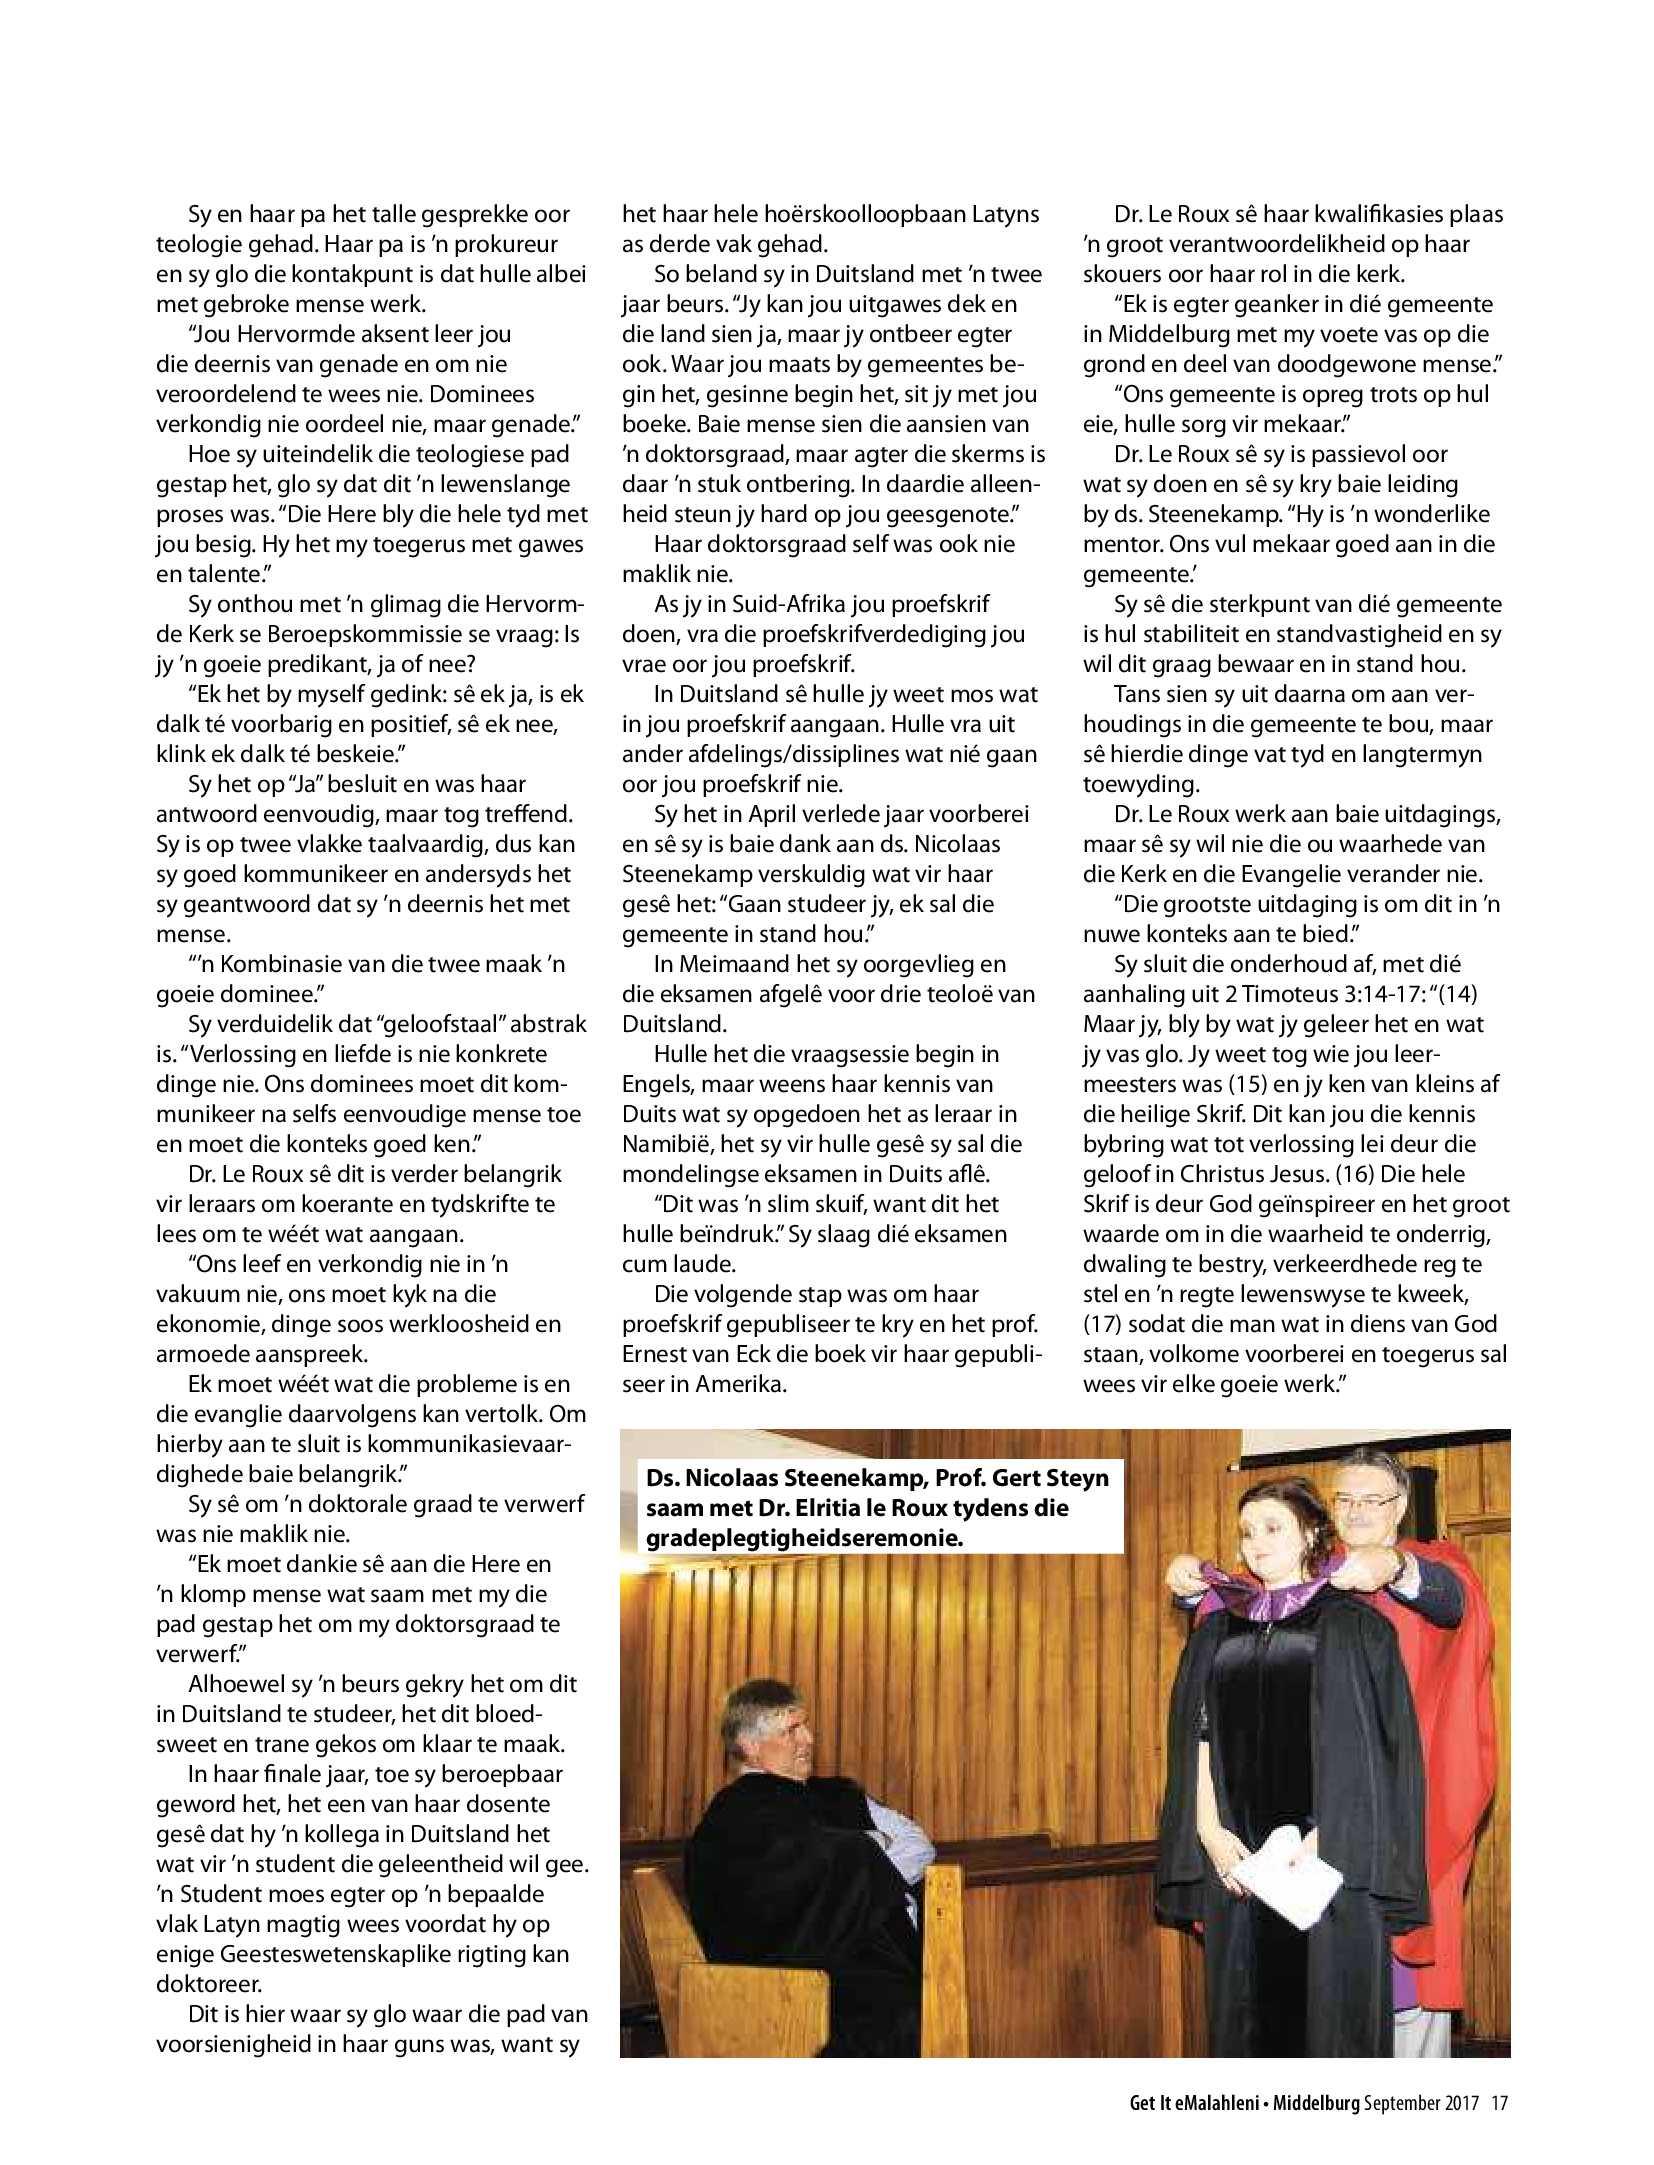 get-middelburg-september-2017-epapers-page-17